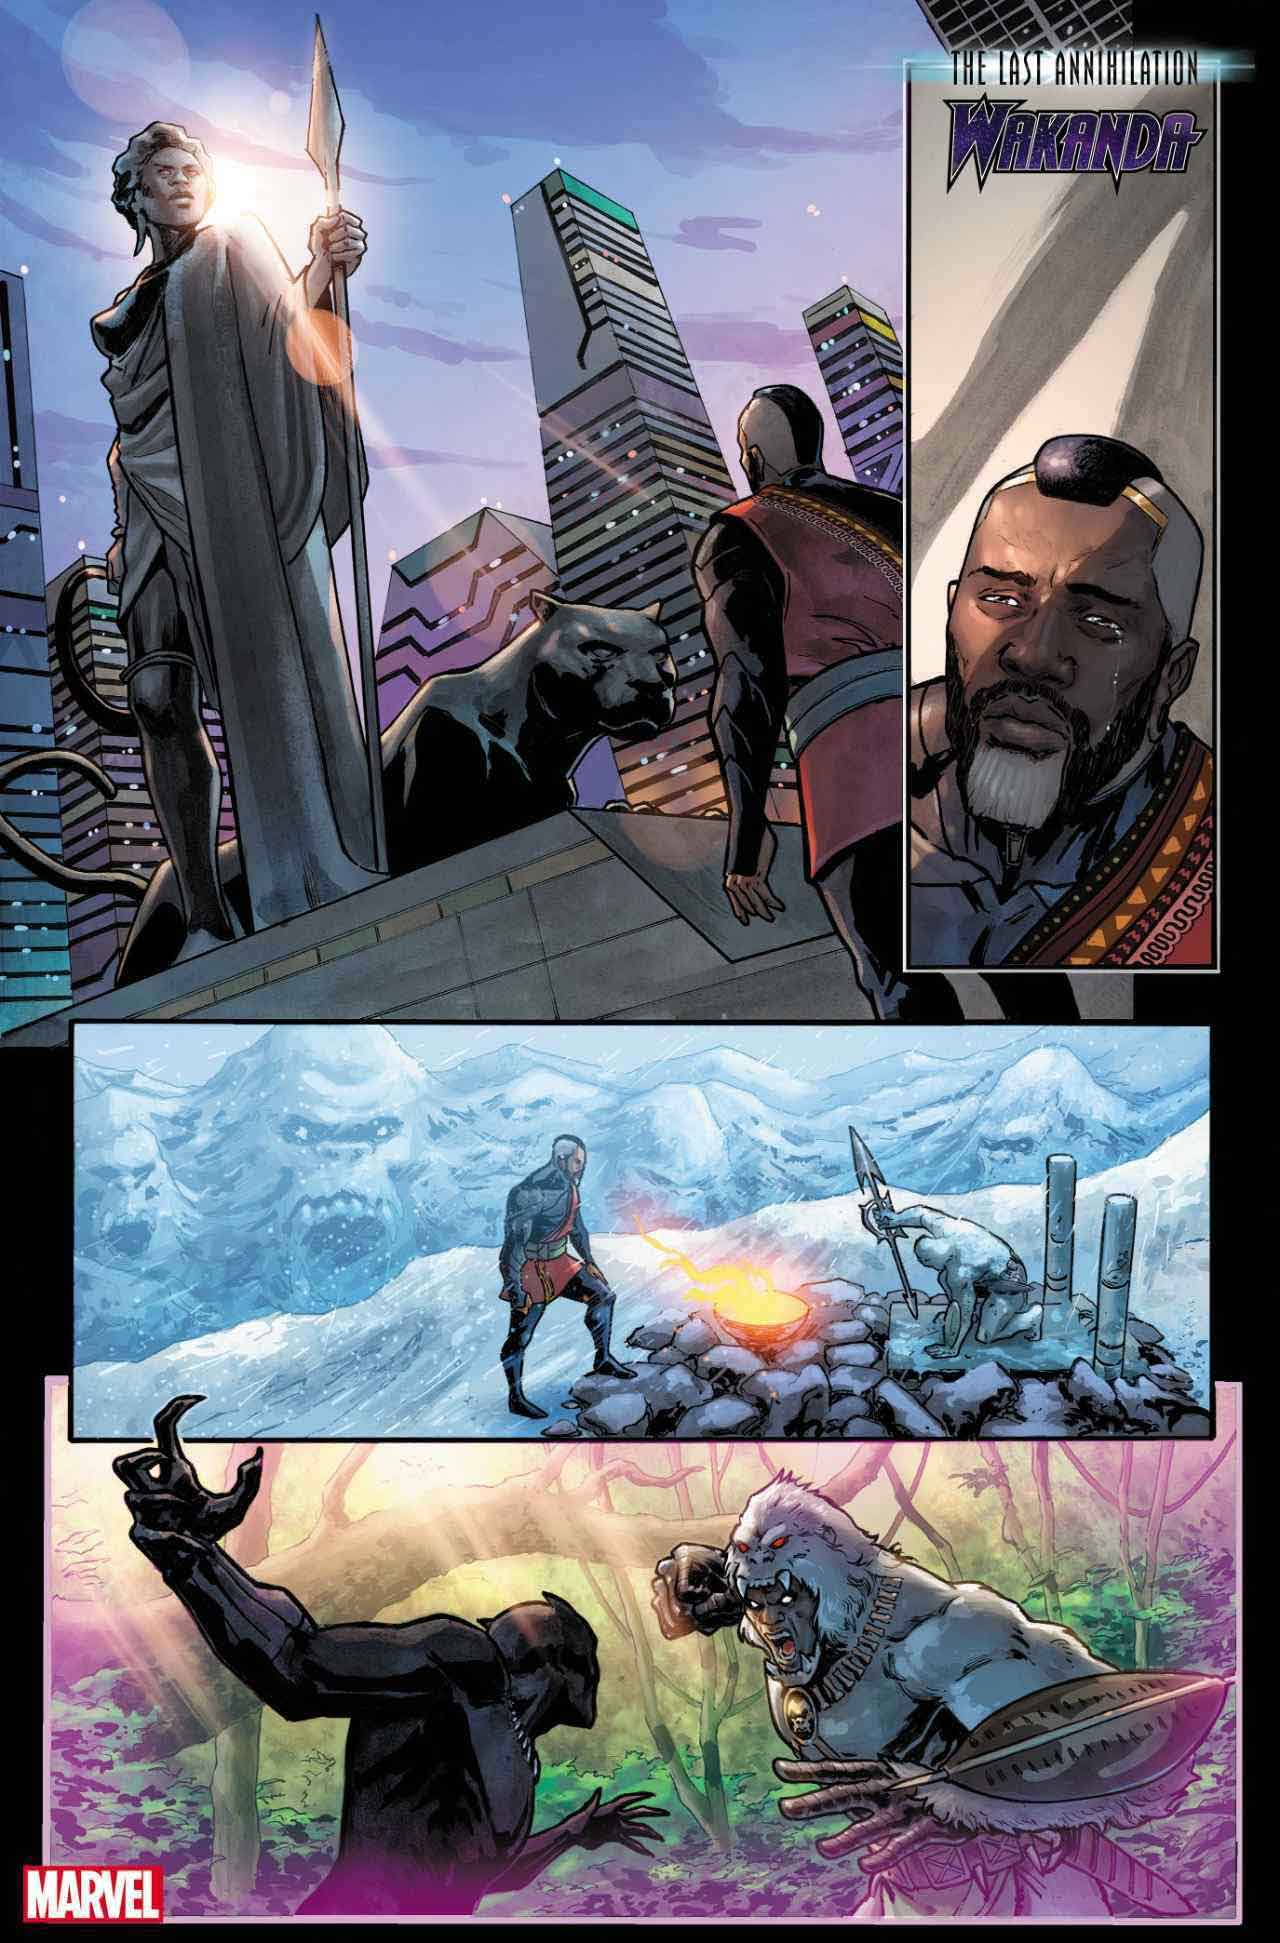 La última aniquilación: Wakanda